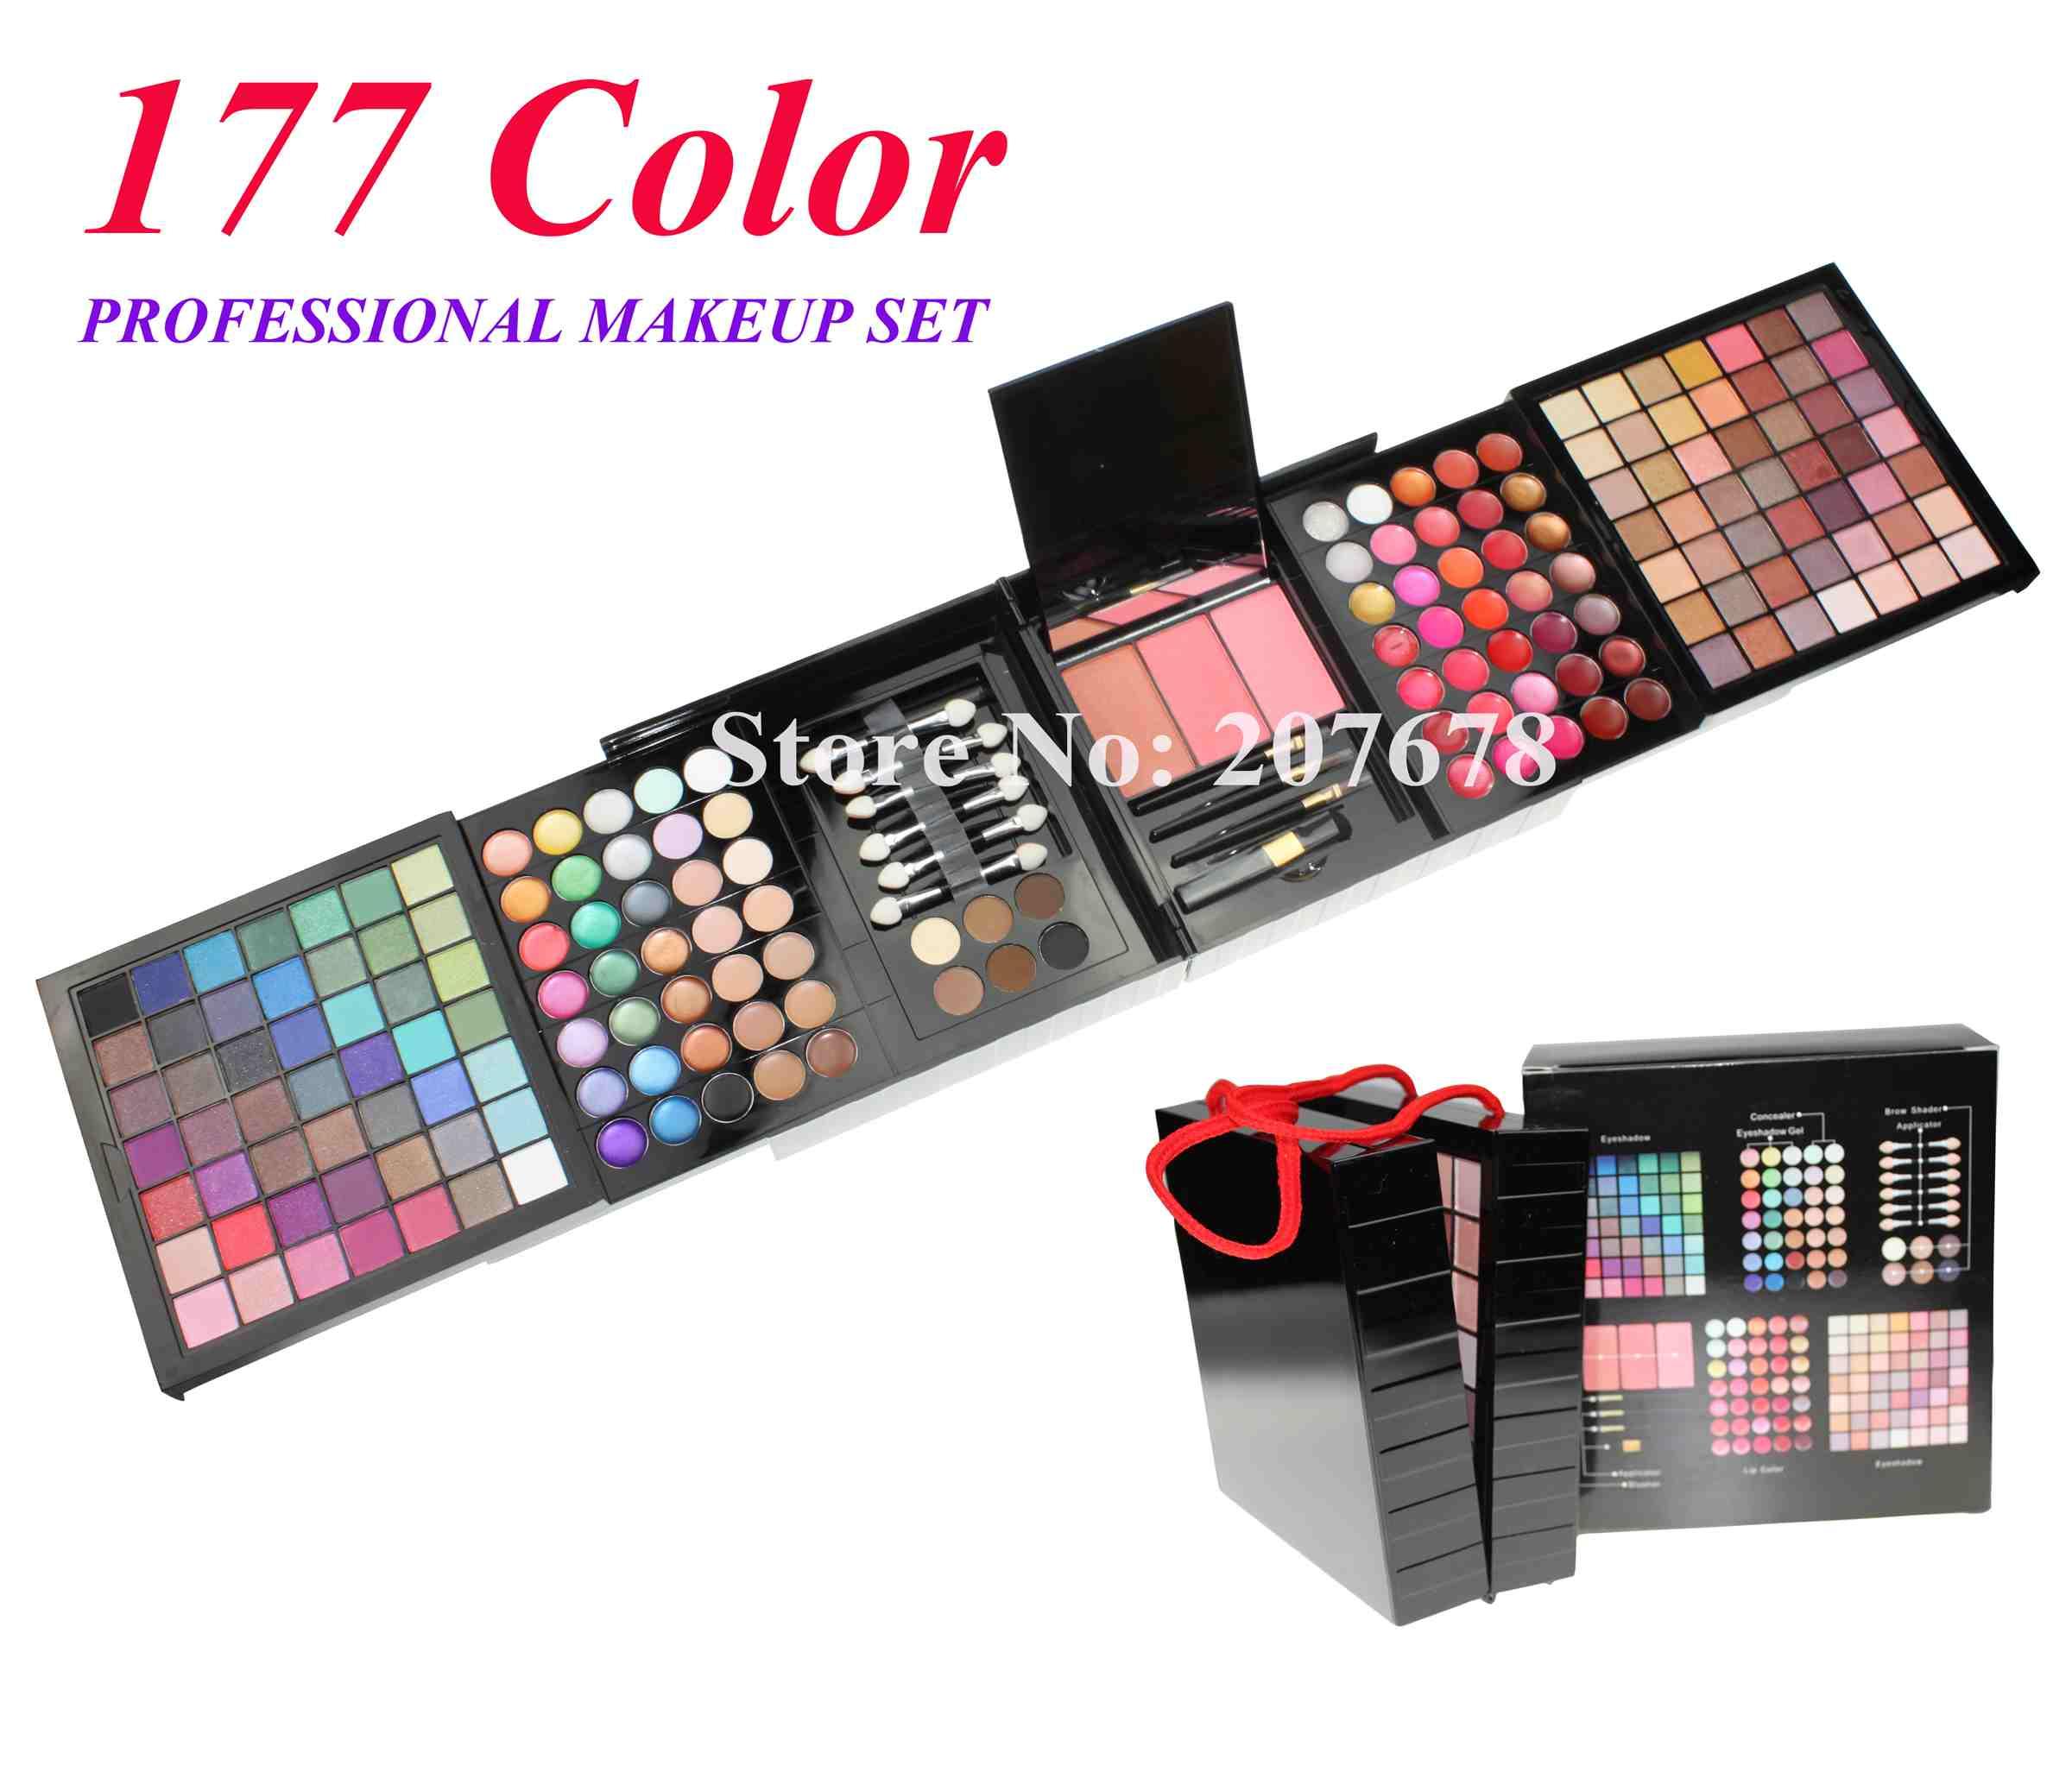 Livraison gratuite 177 color pro ensemble de maquillage - Meilleure palette maquillage ...